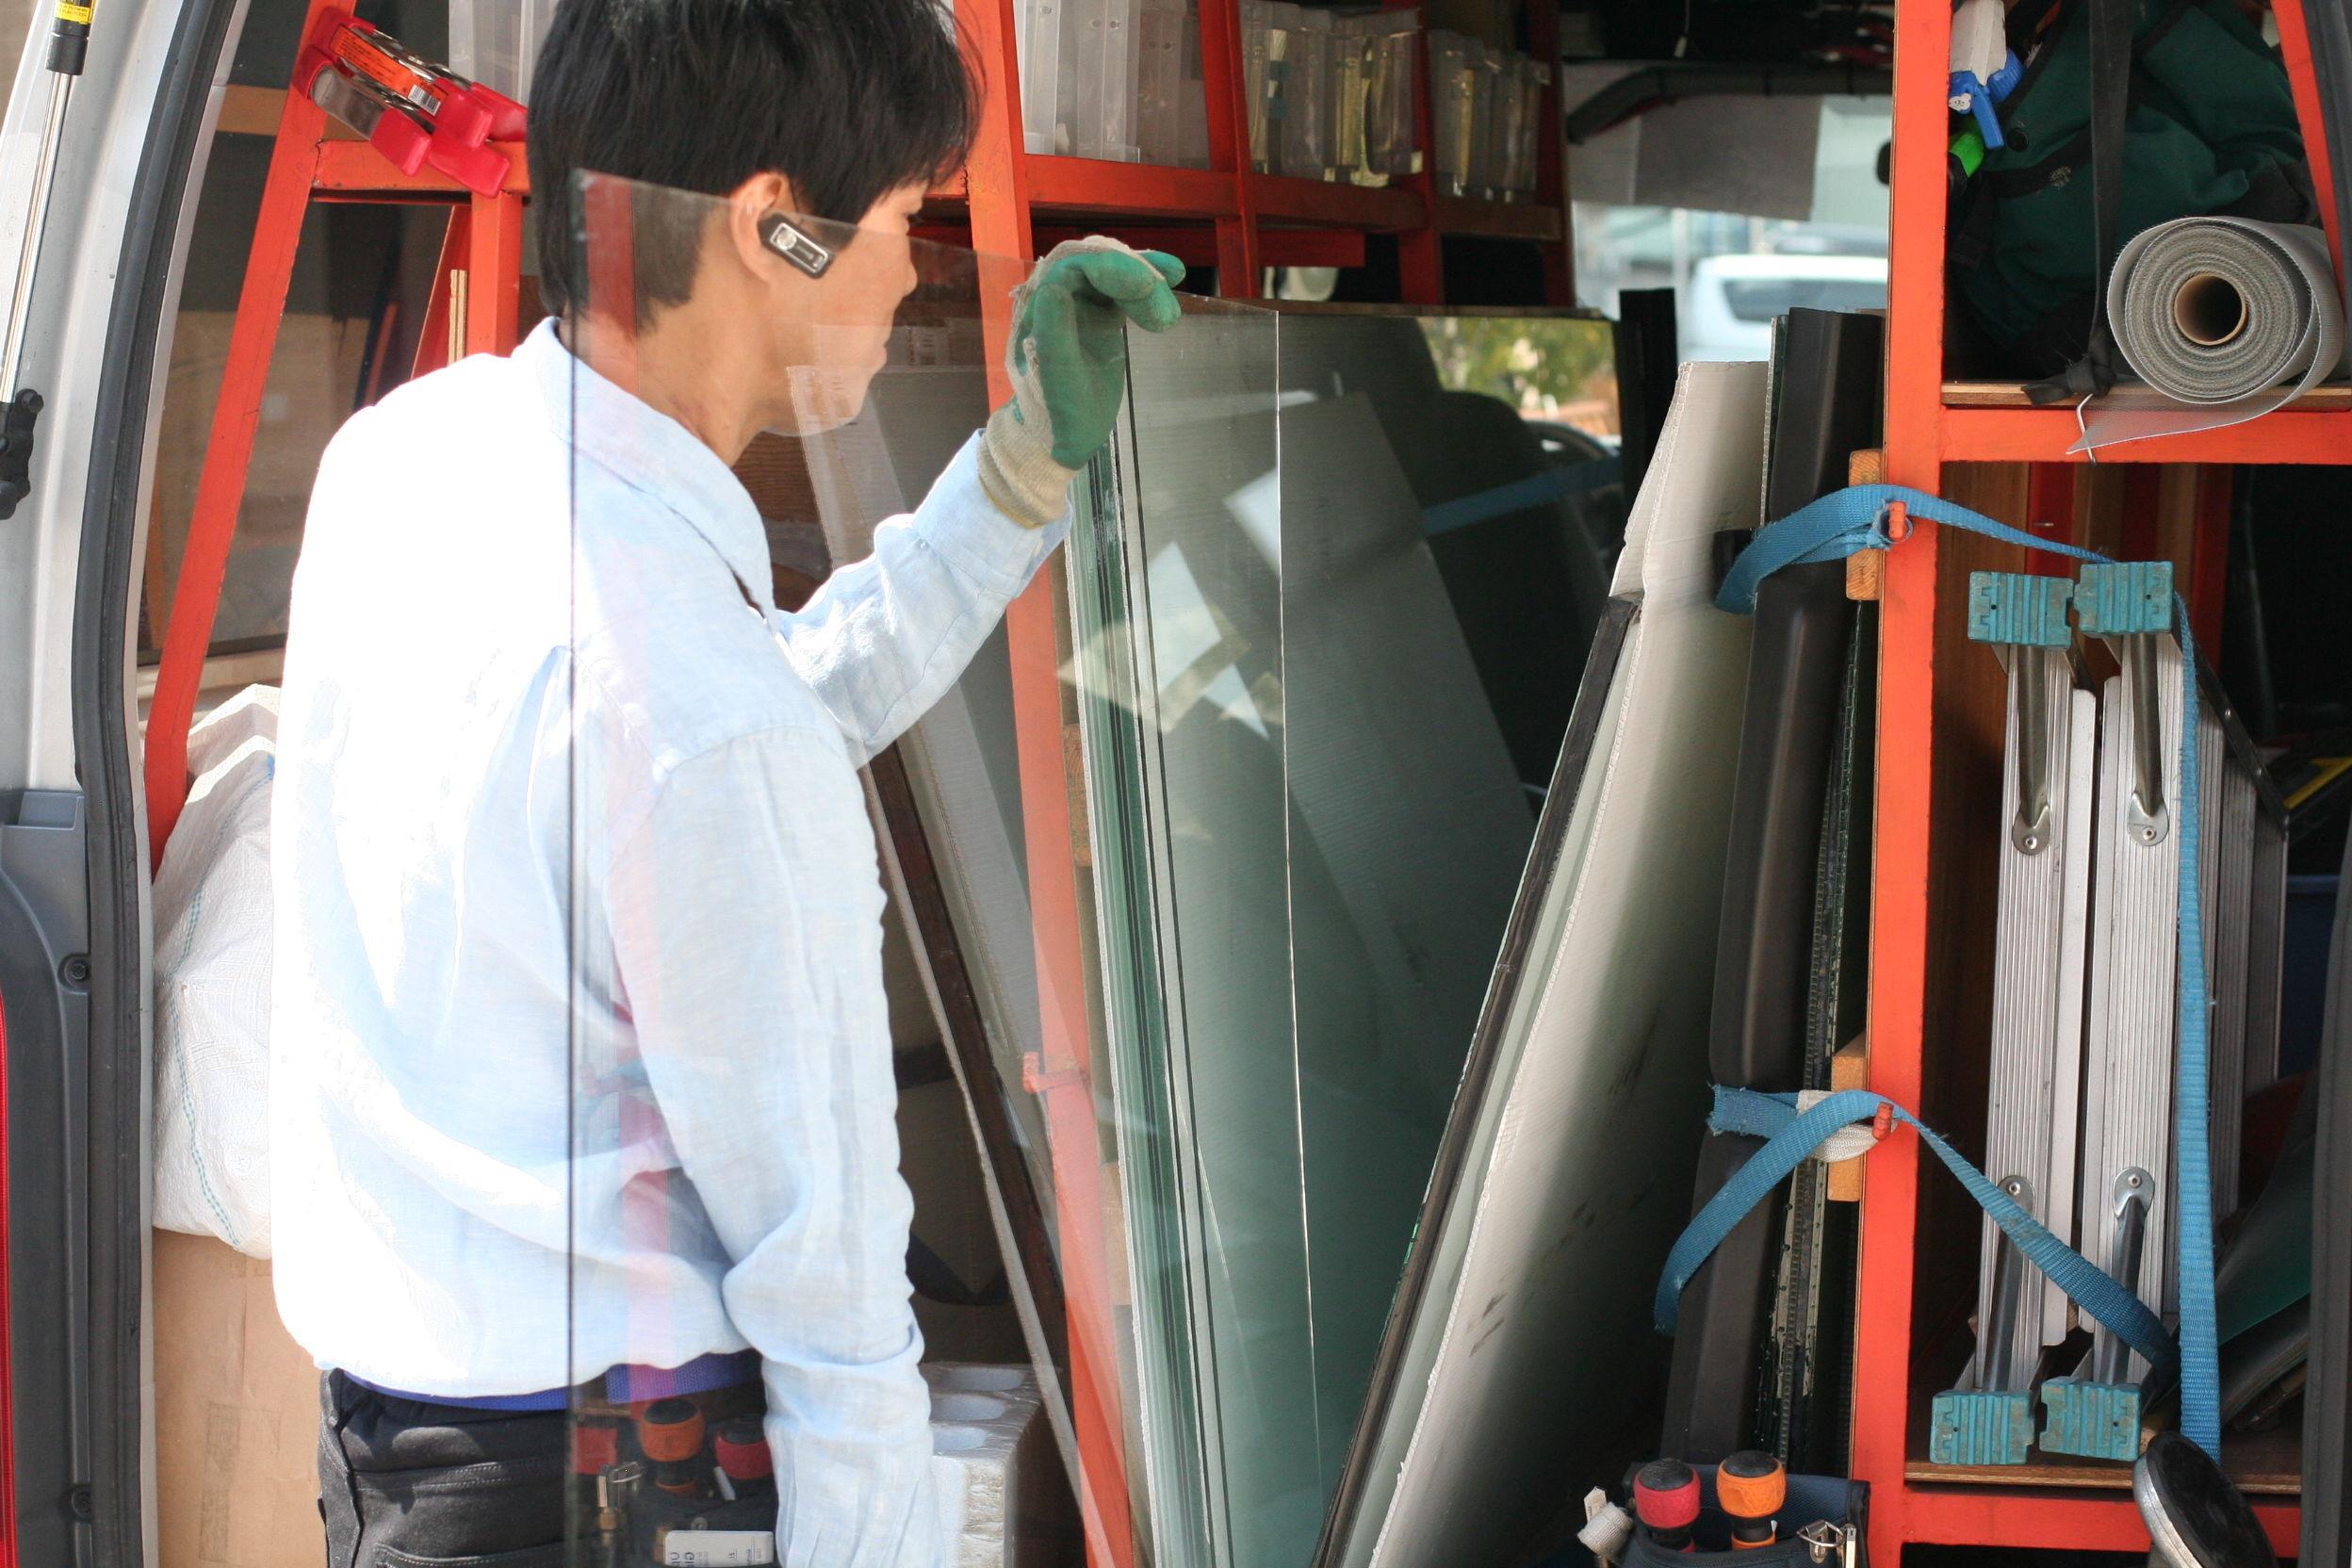 ガラスのトラブル救Q隊.24【さくら市 出張エリア】の店内・外観画像2